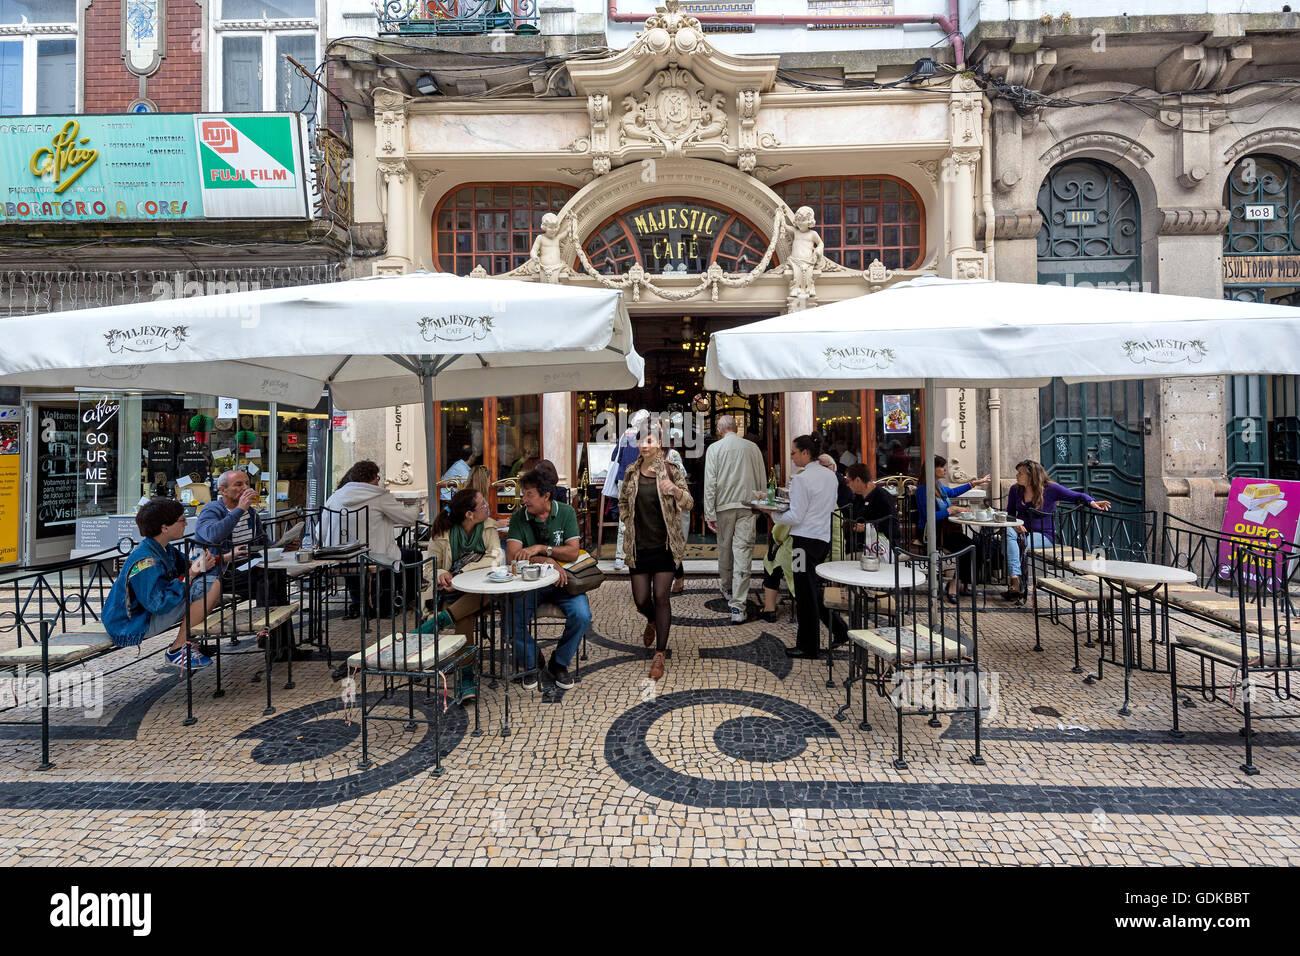 Café Majestic, Jugendstil-Café mit Sonnenschirmen, Taverne, Speiserestaurant, Porto, Bezirk von Porto, Stockbild